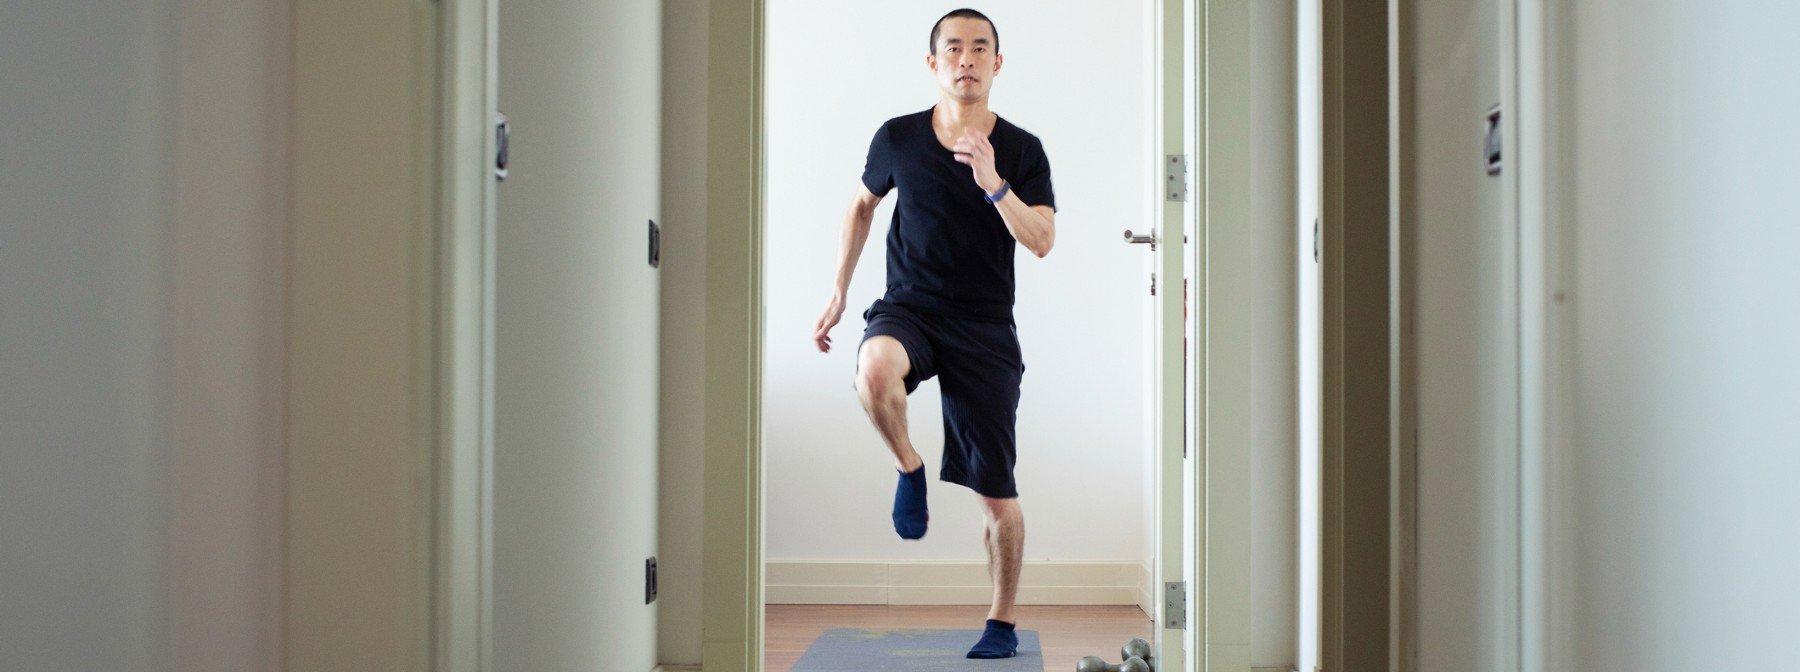 Cardio für zu Hause | 7 ideale Übungen, um das Herz in Fahrt zu bringen